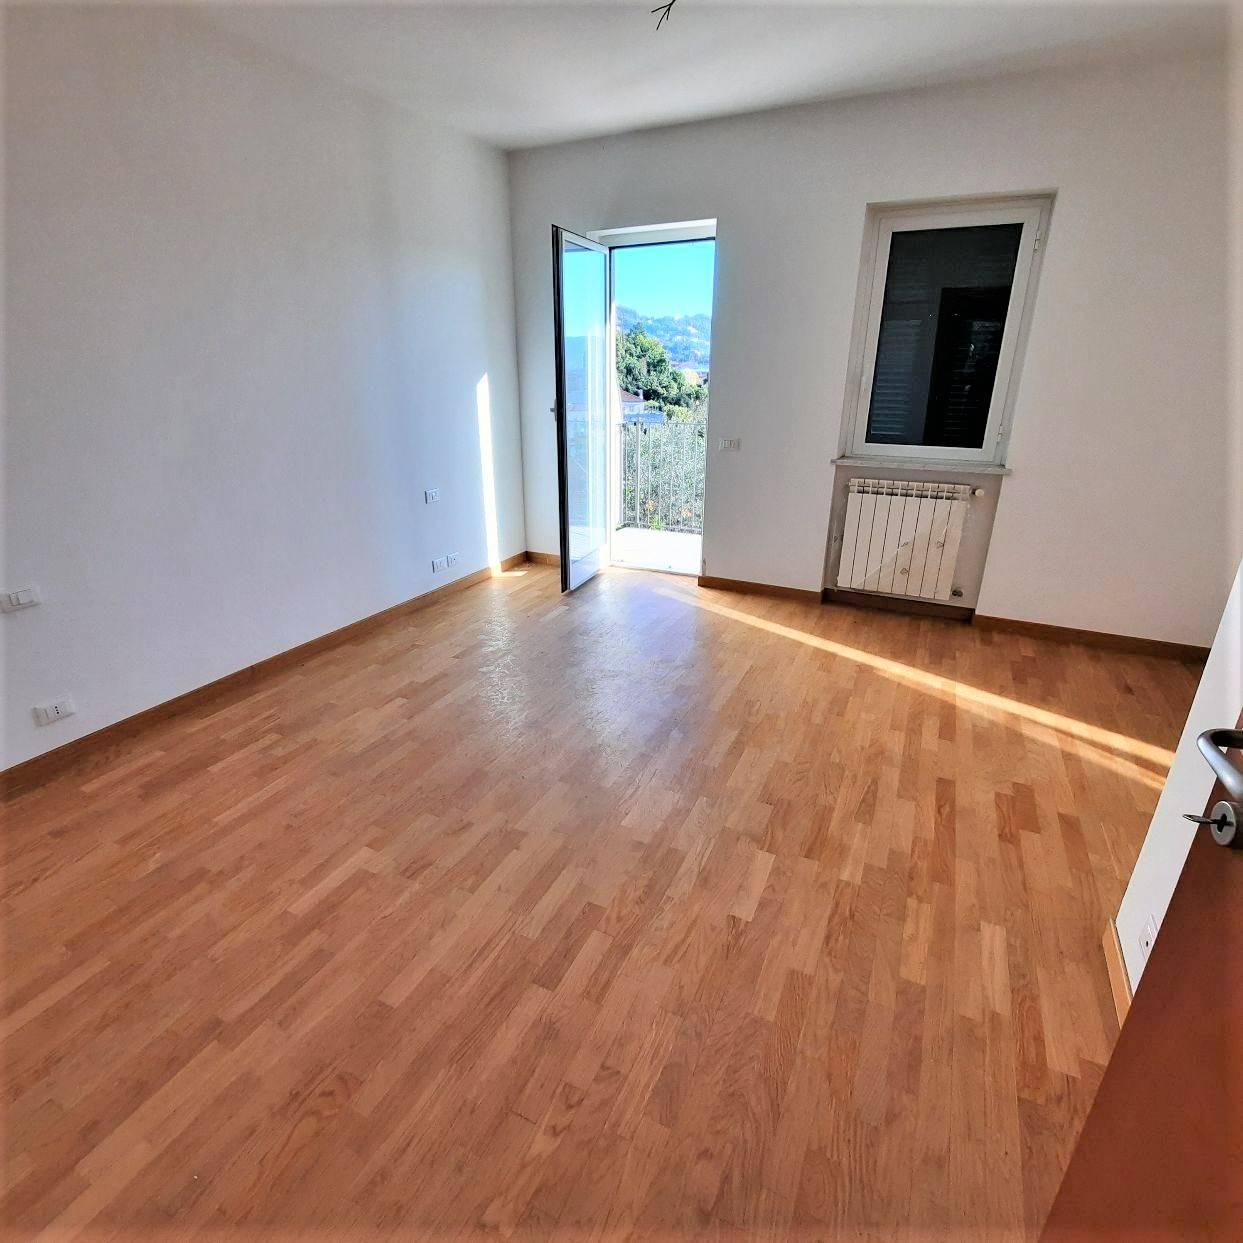 Appartamento nuovo a La Spezia - montepertico - 01, Foto